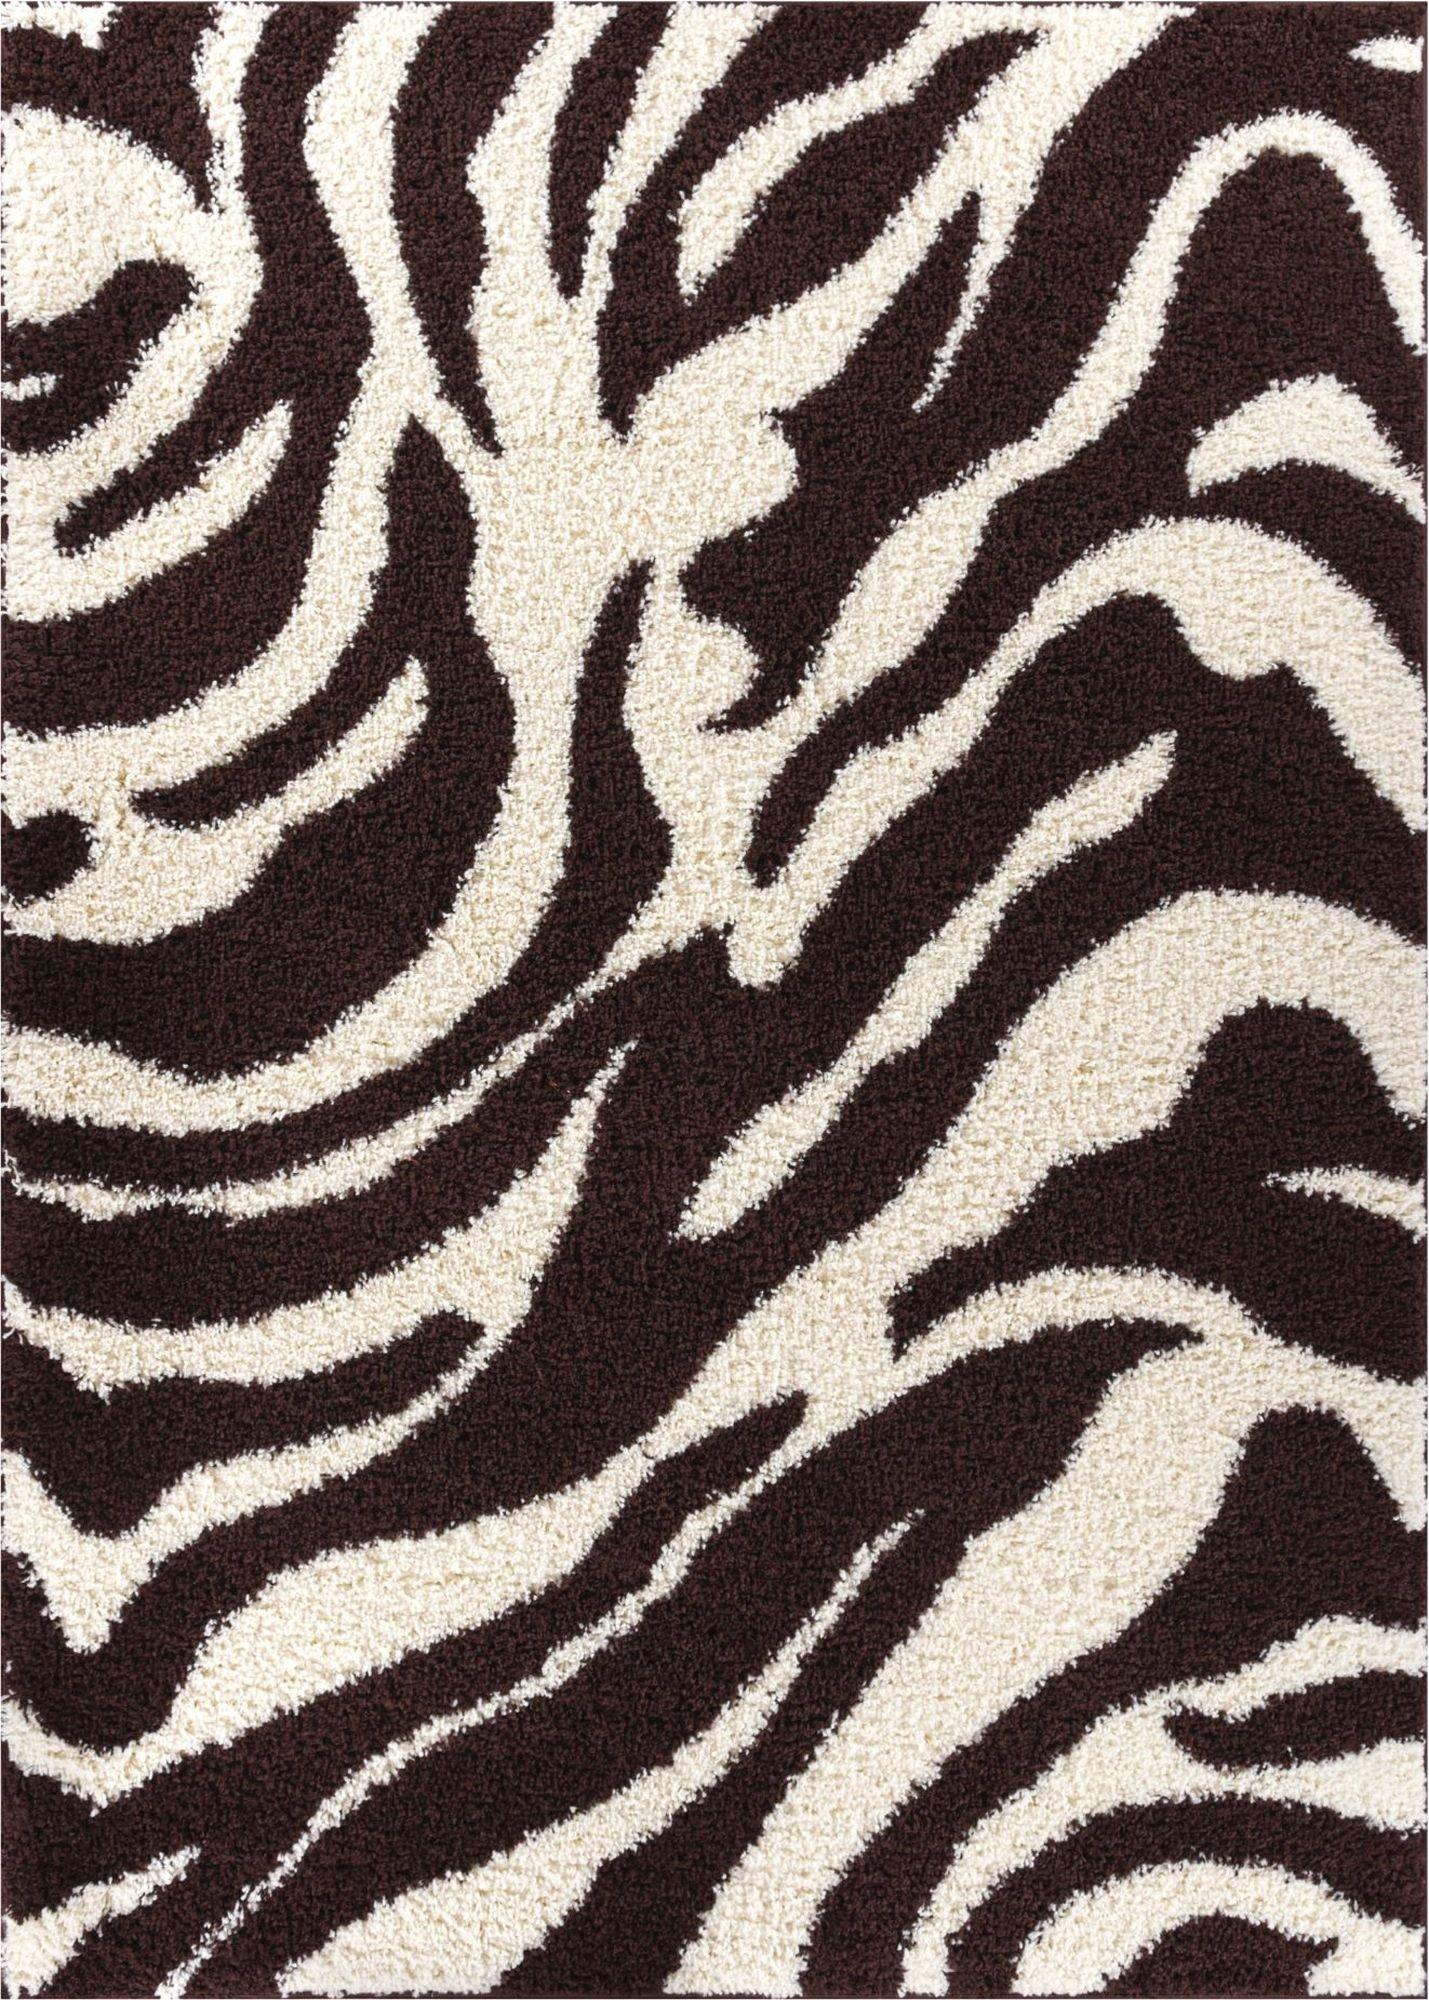 Well Woven Madison Shag Safari Zebra Brown Animal Print Area Rug 3'3'' X 5'3''